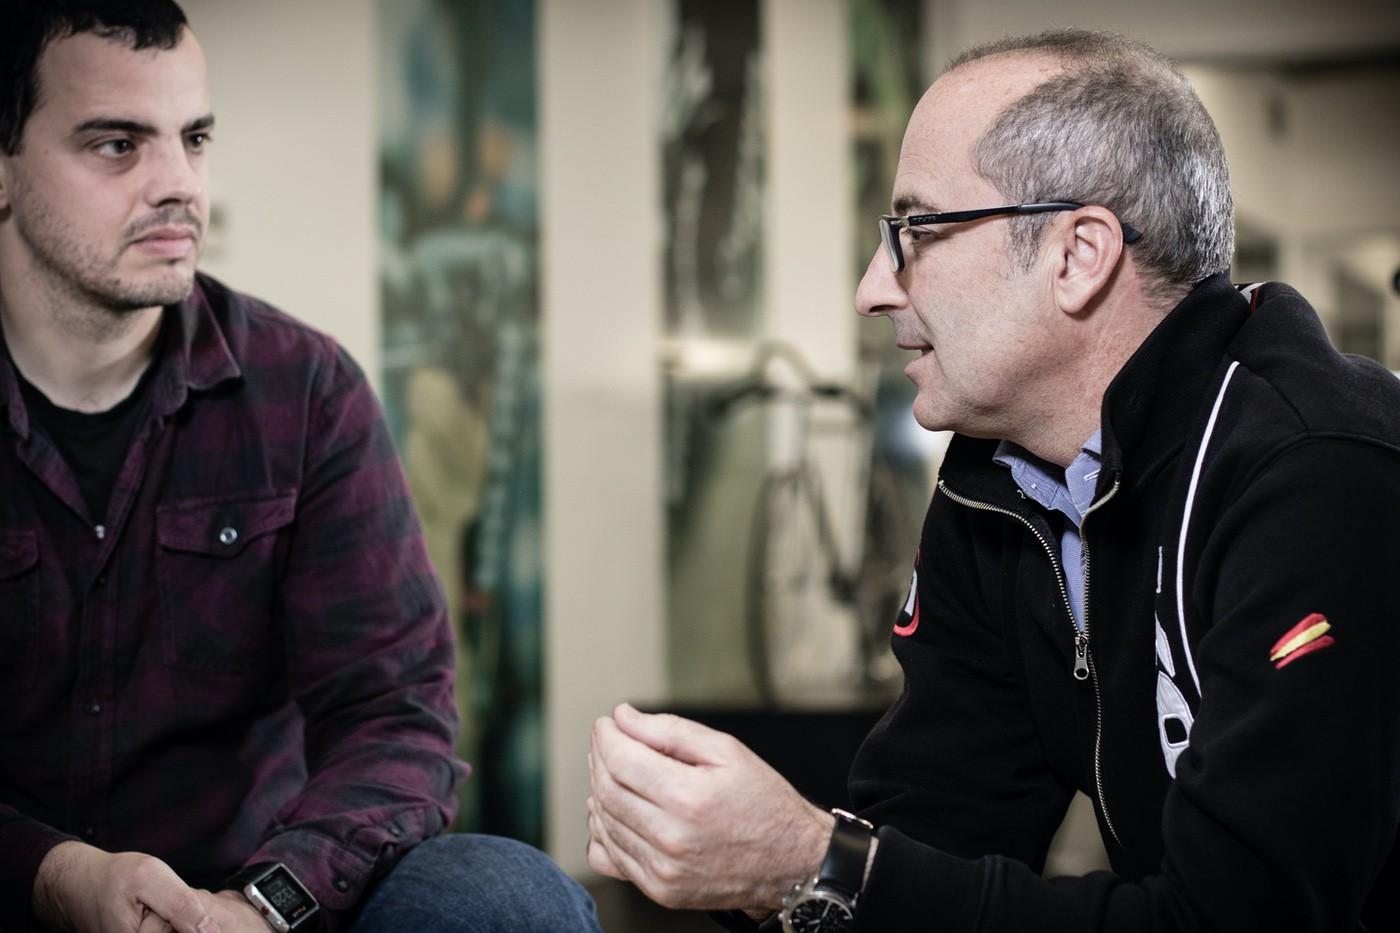 Charlando con Pablo Carrasco (cofundador de Rotor) de ciclismo y otras cosas